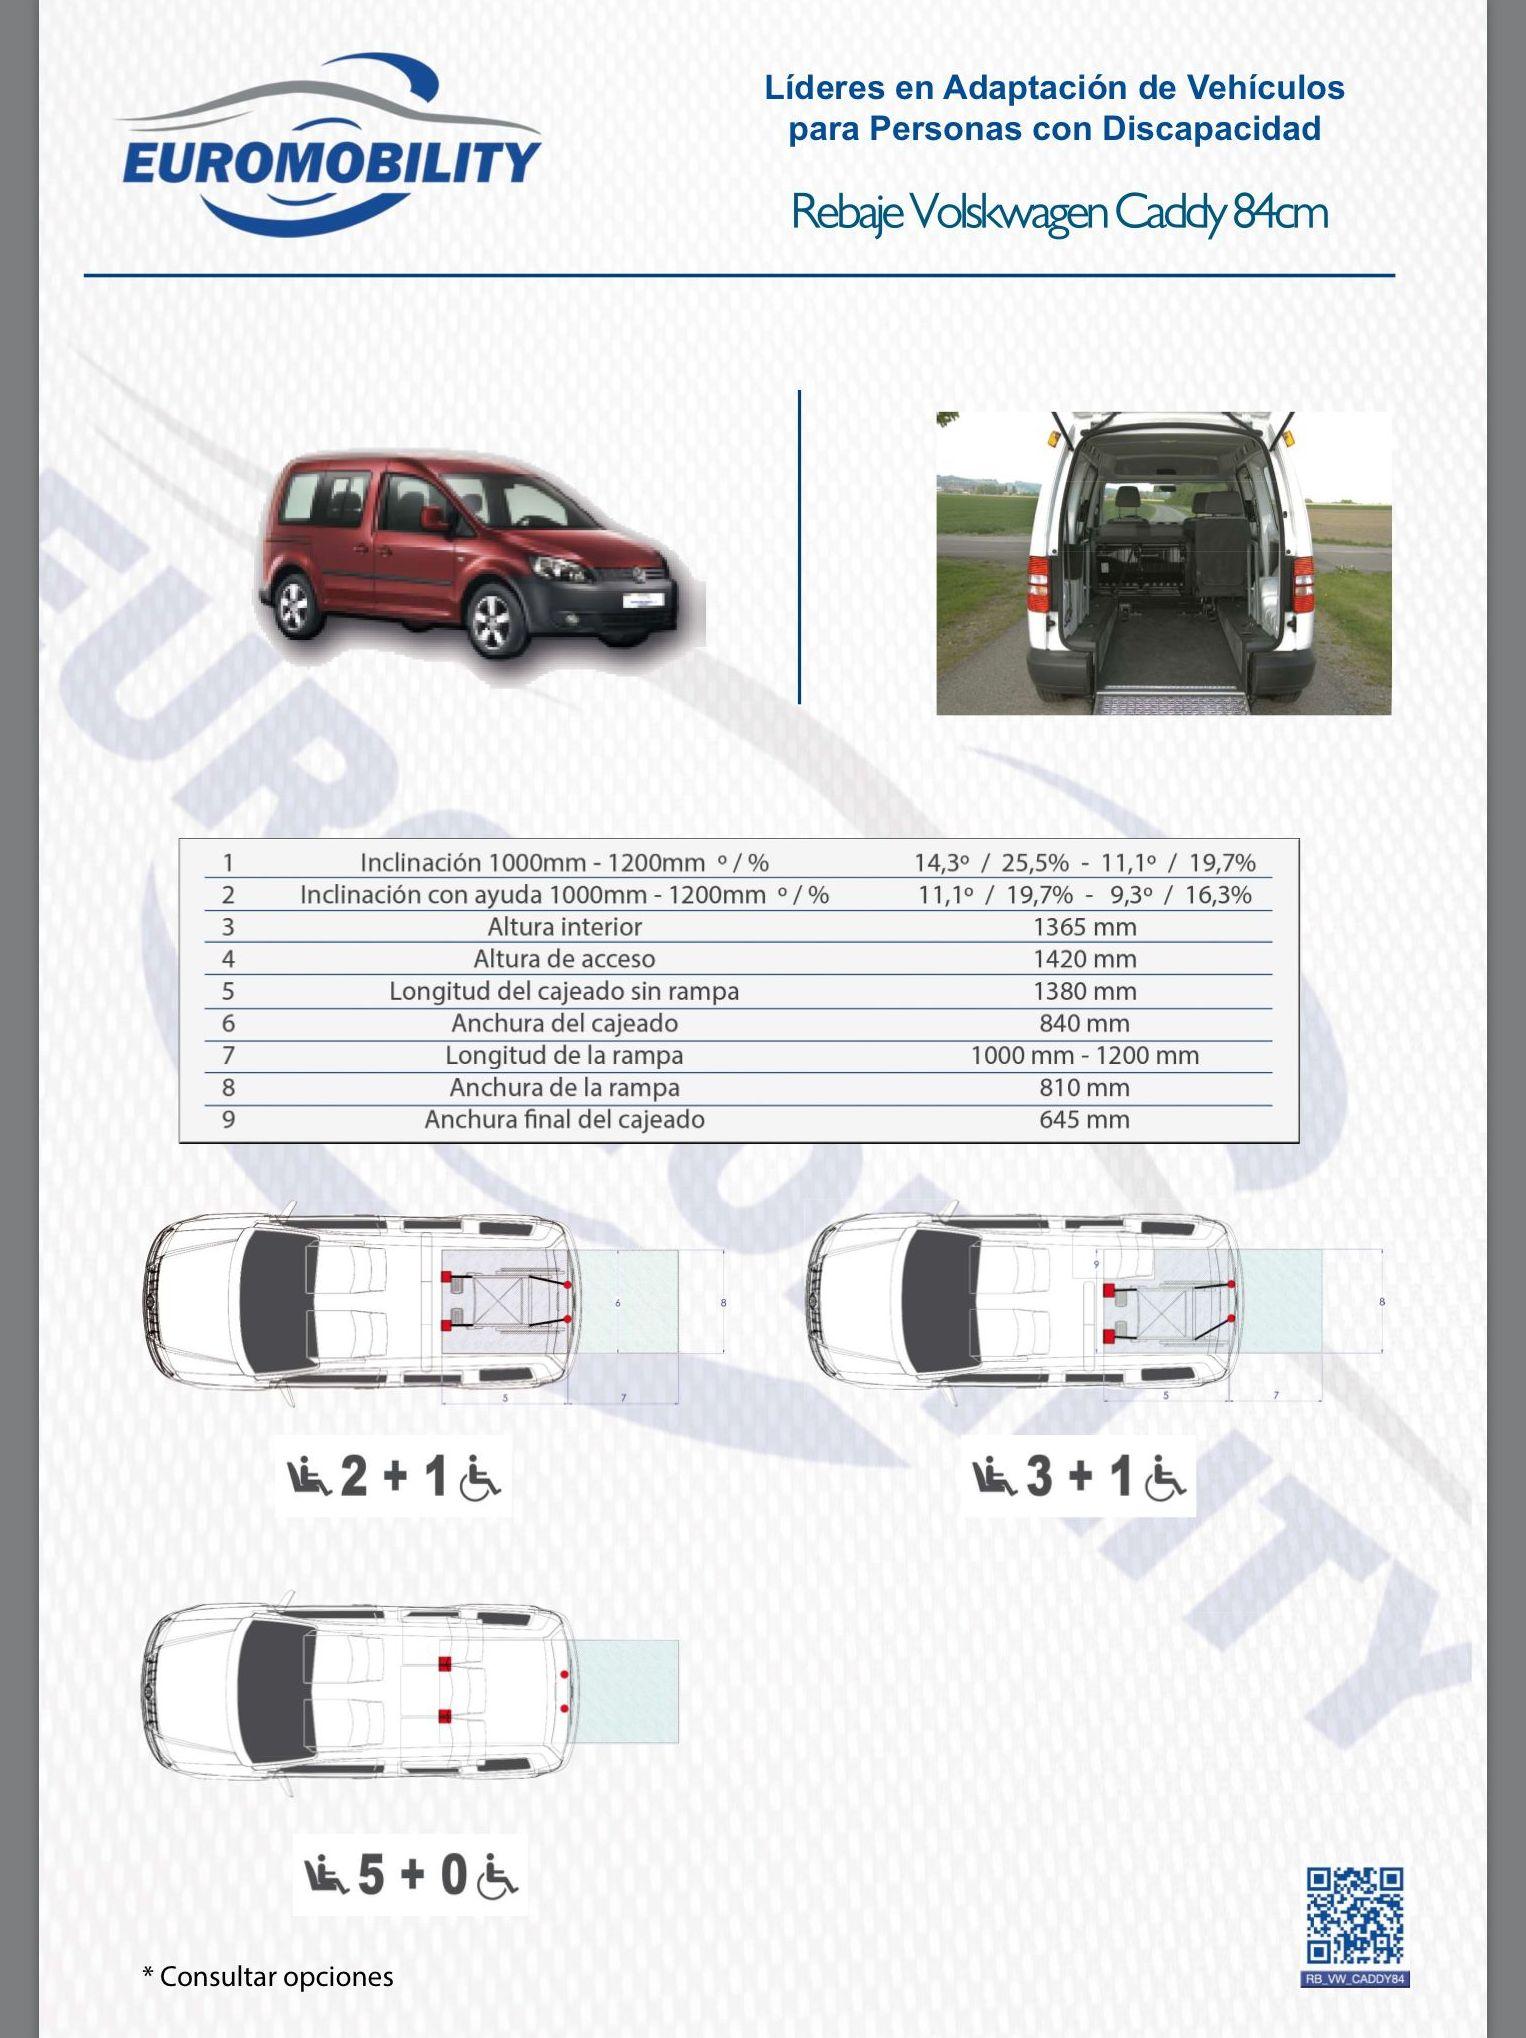 Rebaje de piso / cajeado Volkswagen Caddy . Adaptación de vehiculos Asturias